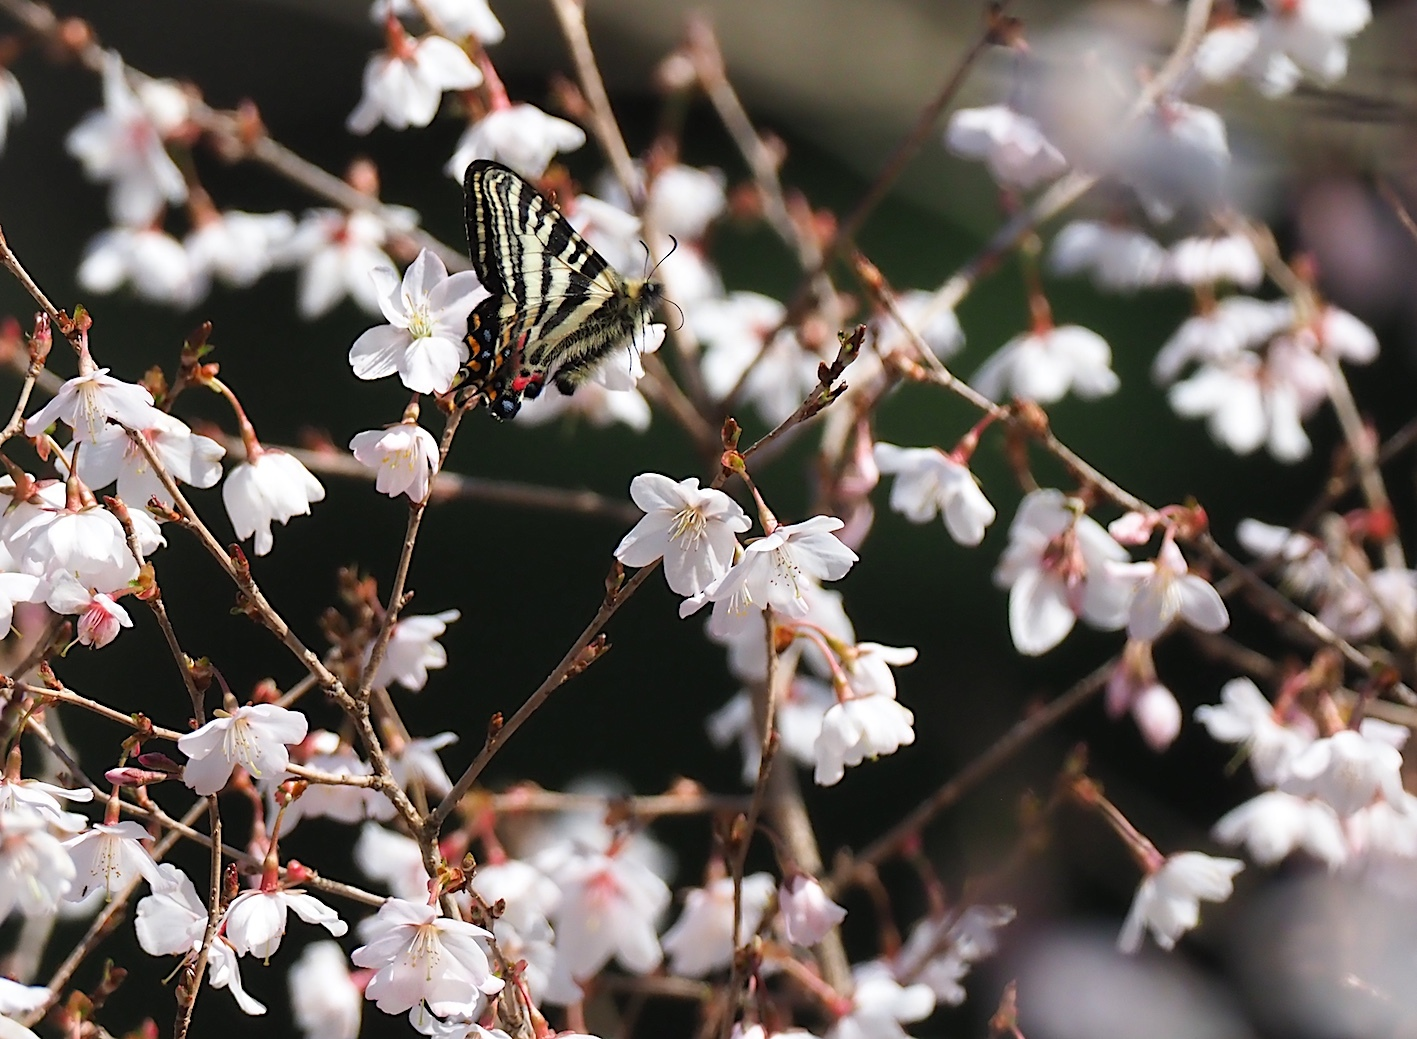 春の女神ギフチョウ、飛翔シーンの部(2020年4月2日)_d0303129_21364290.jpg